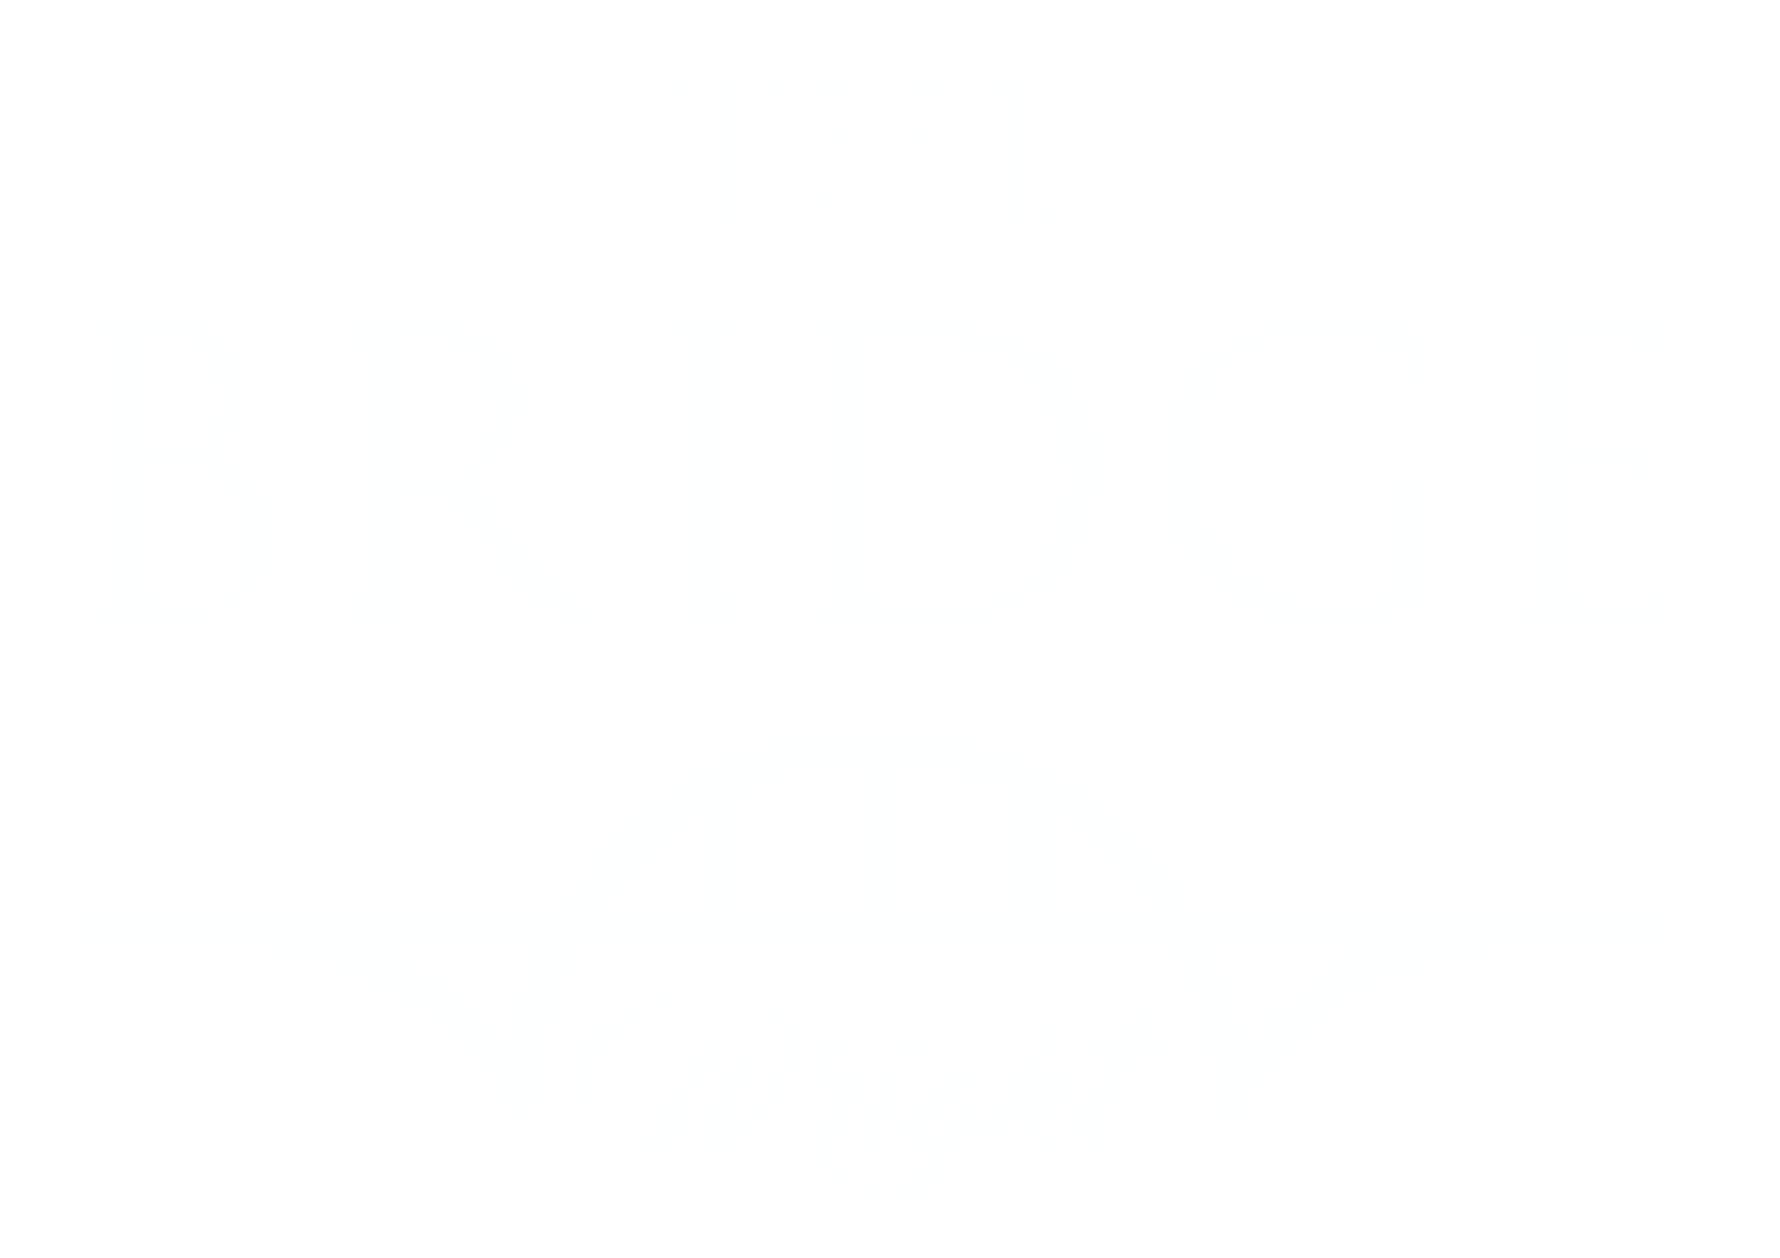 Bridge logo white-01.png